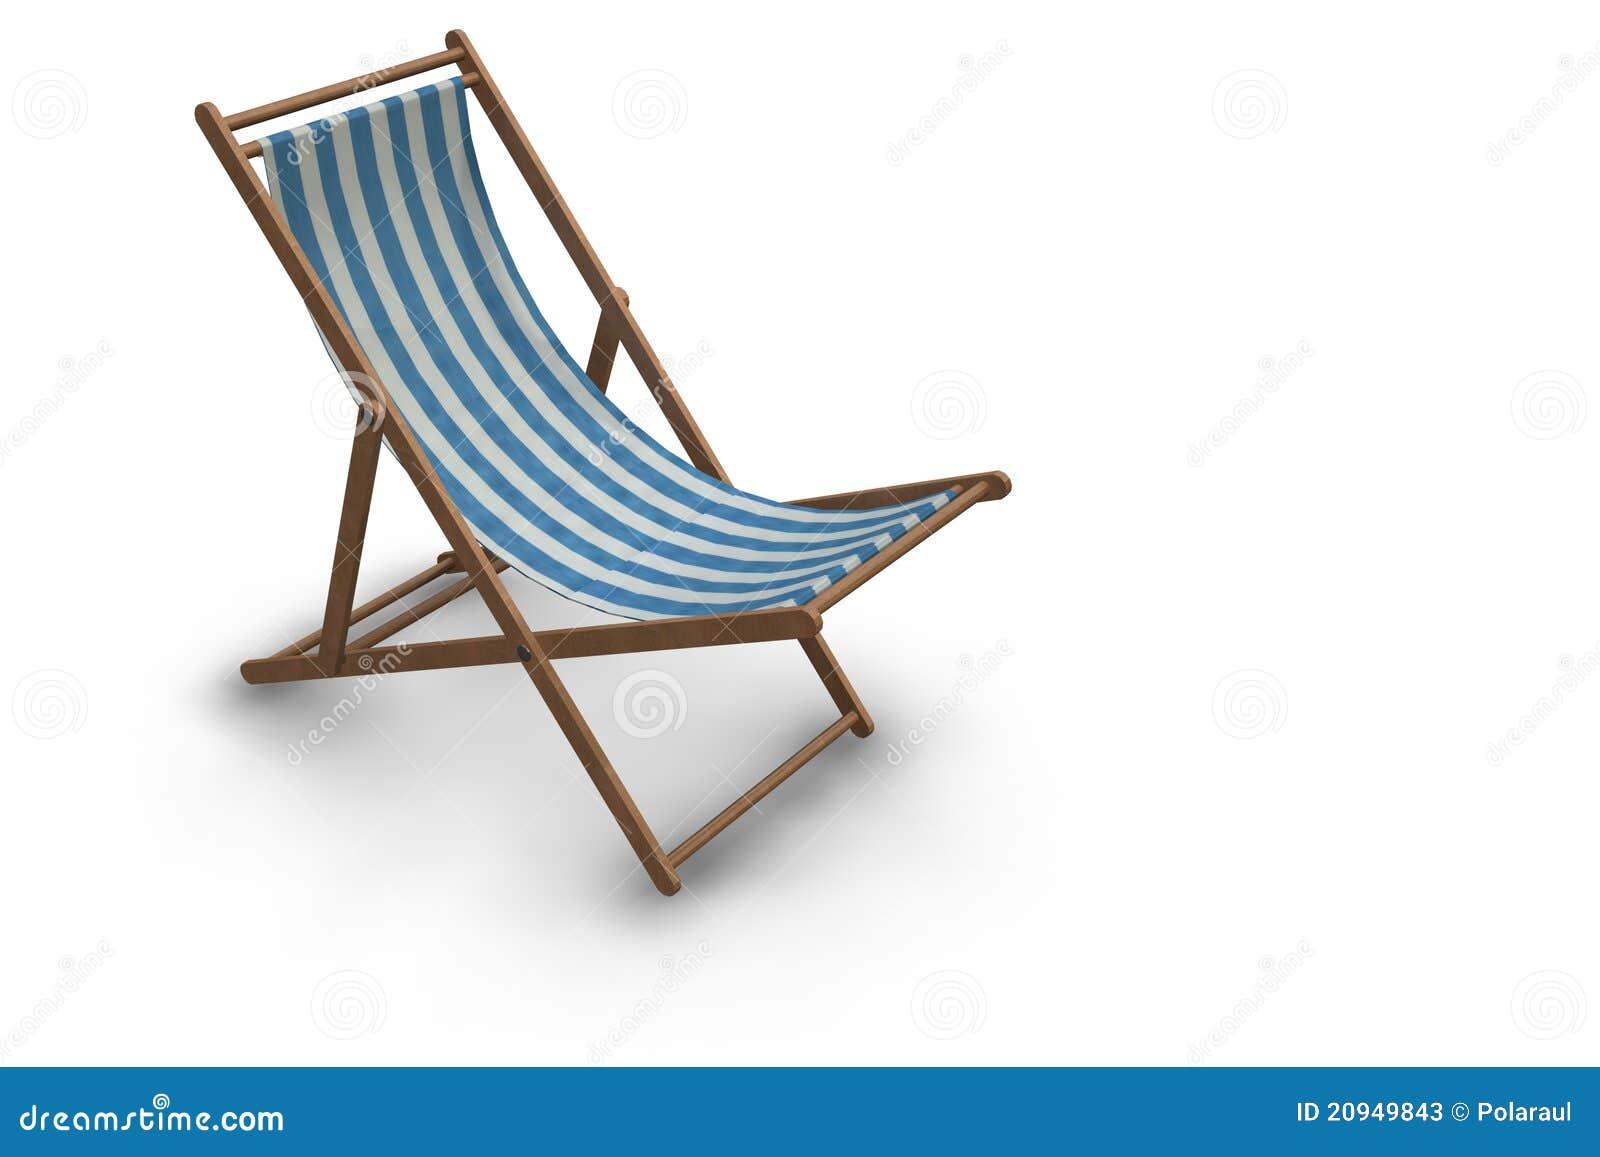 Silla de playa rayada fotos de archivo imagen 20949843 - Silla de playa ...